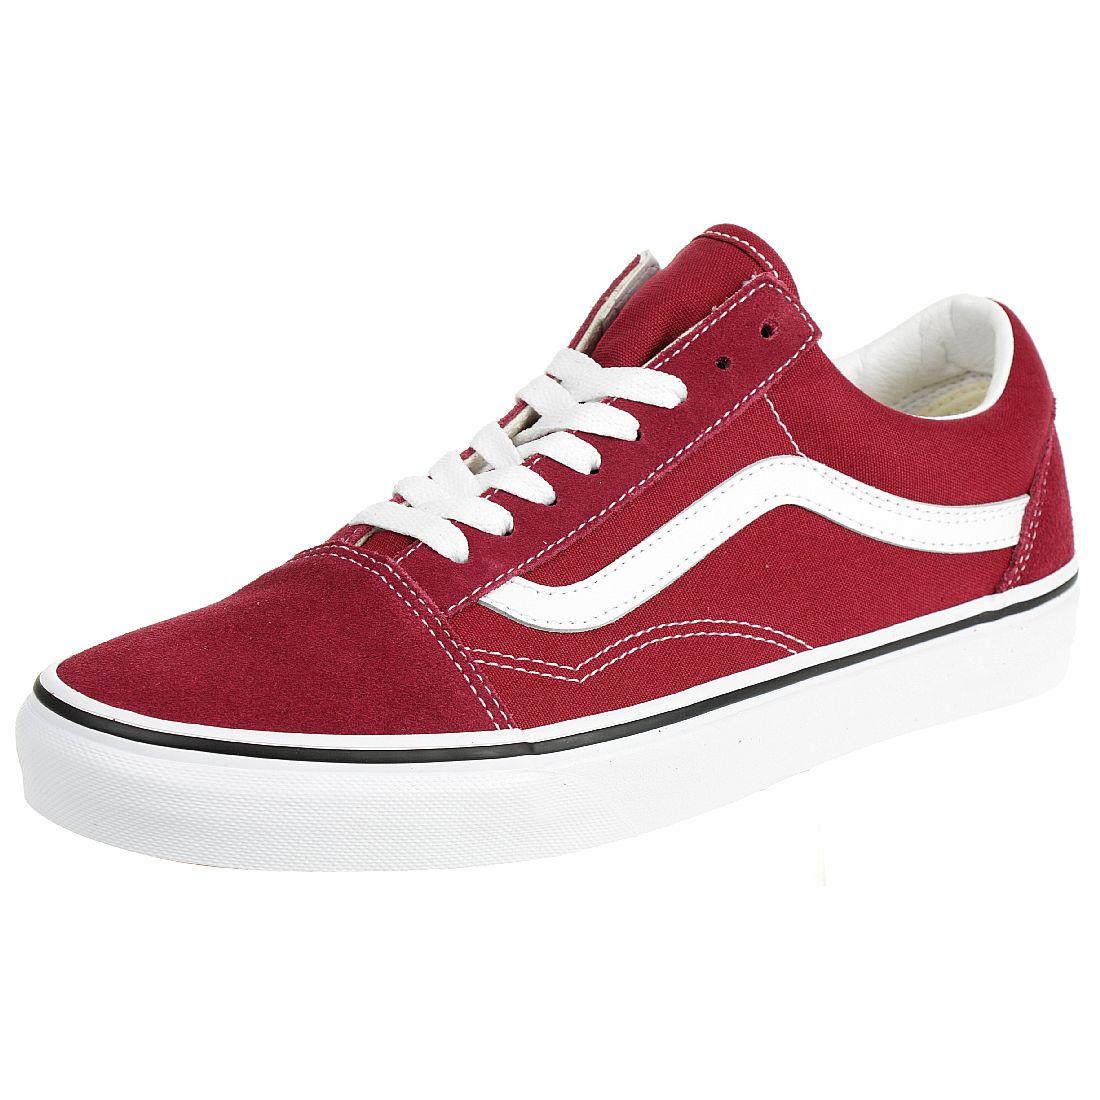 VANS Old Skool Sneaker Skate Schuhe rot Canvas Sneaker Kinder 35-36